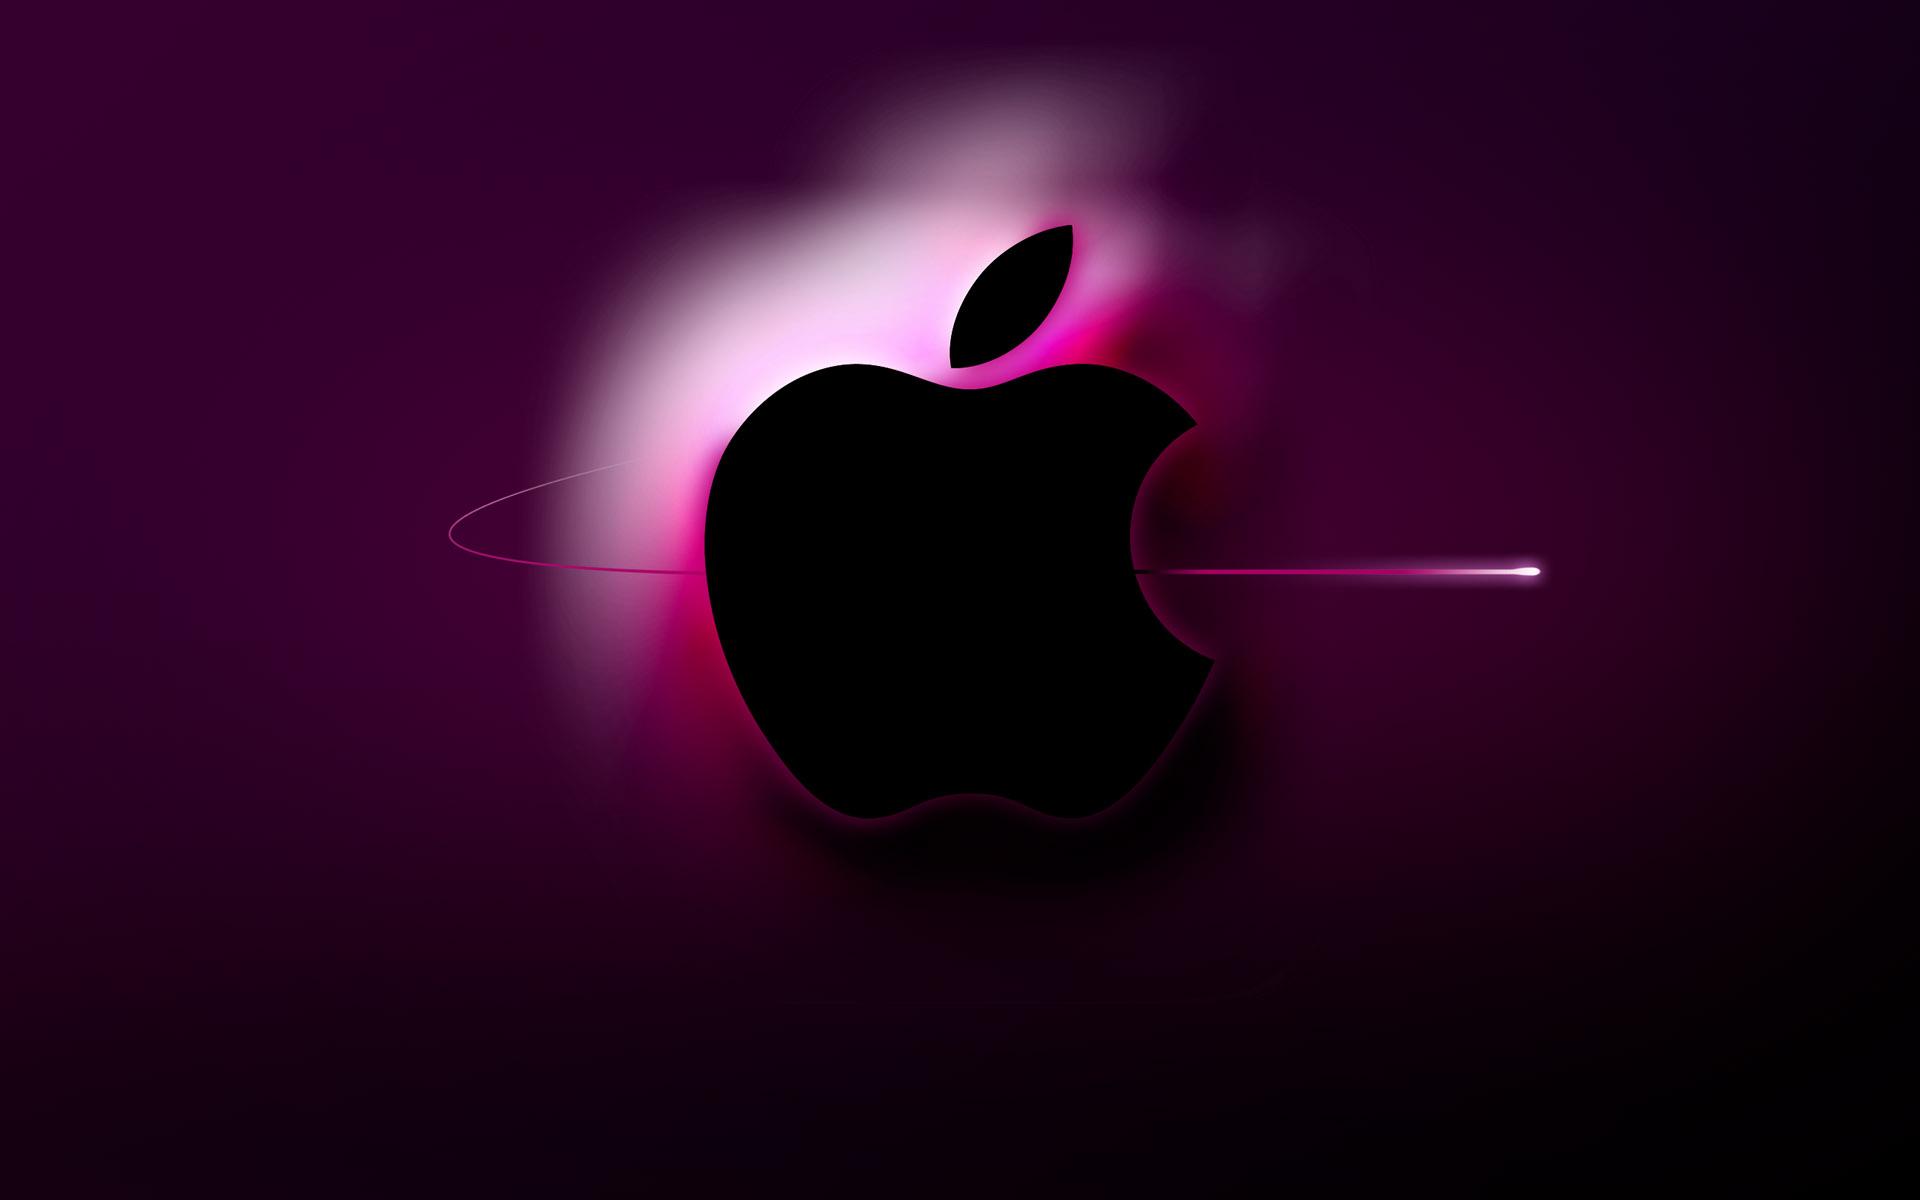 Best Apple Desktop Wallpaper 19202151200 121099 HD 1920x1200